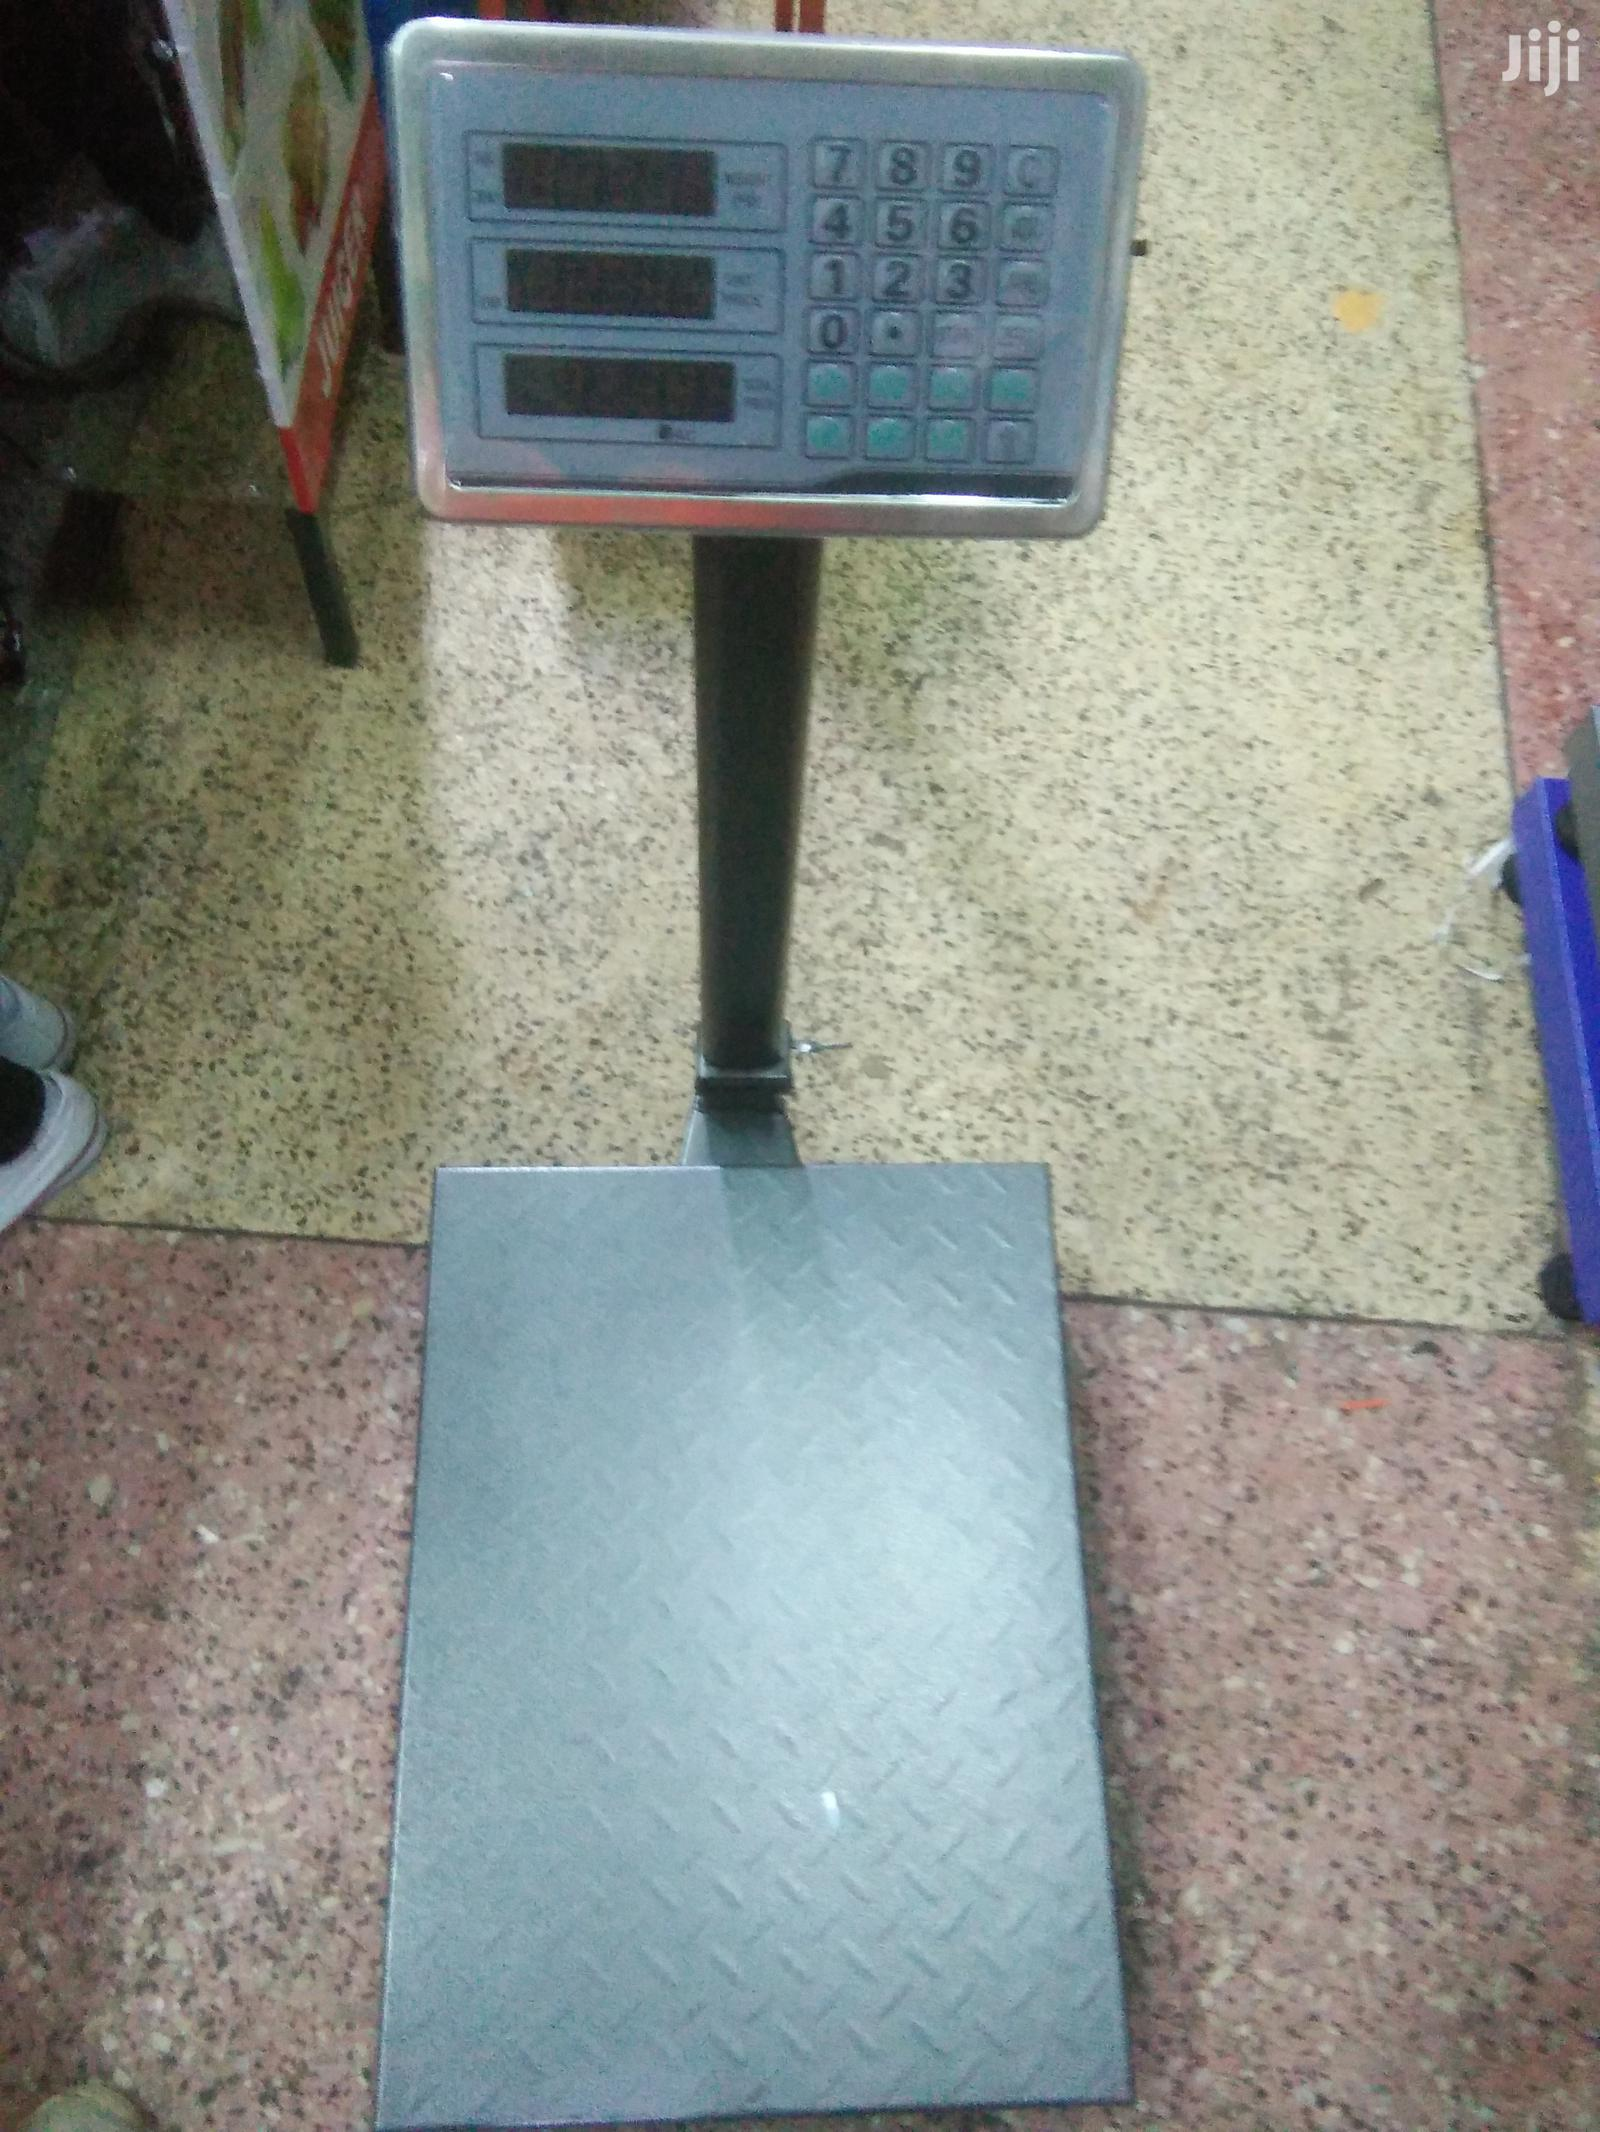 Heavy Duty Digital Platform Weighing Scale 300kg Capacity